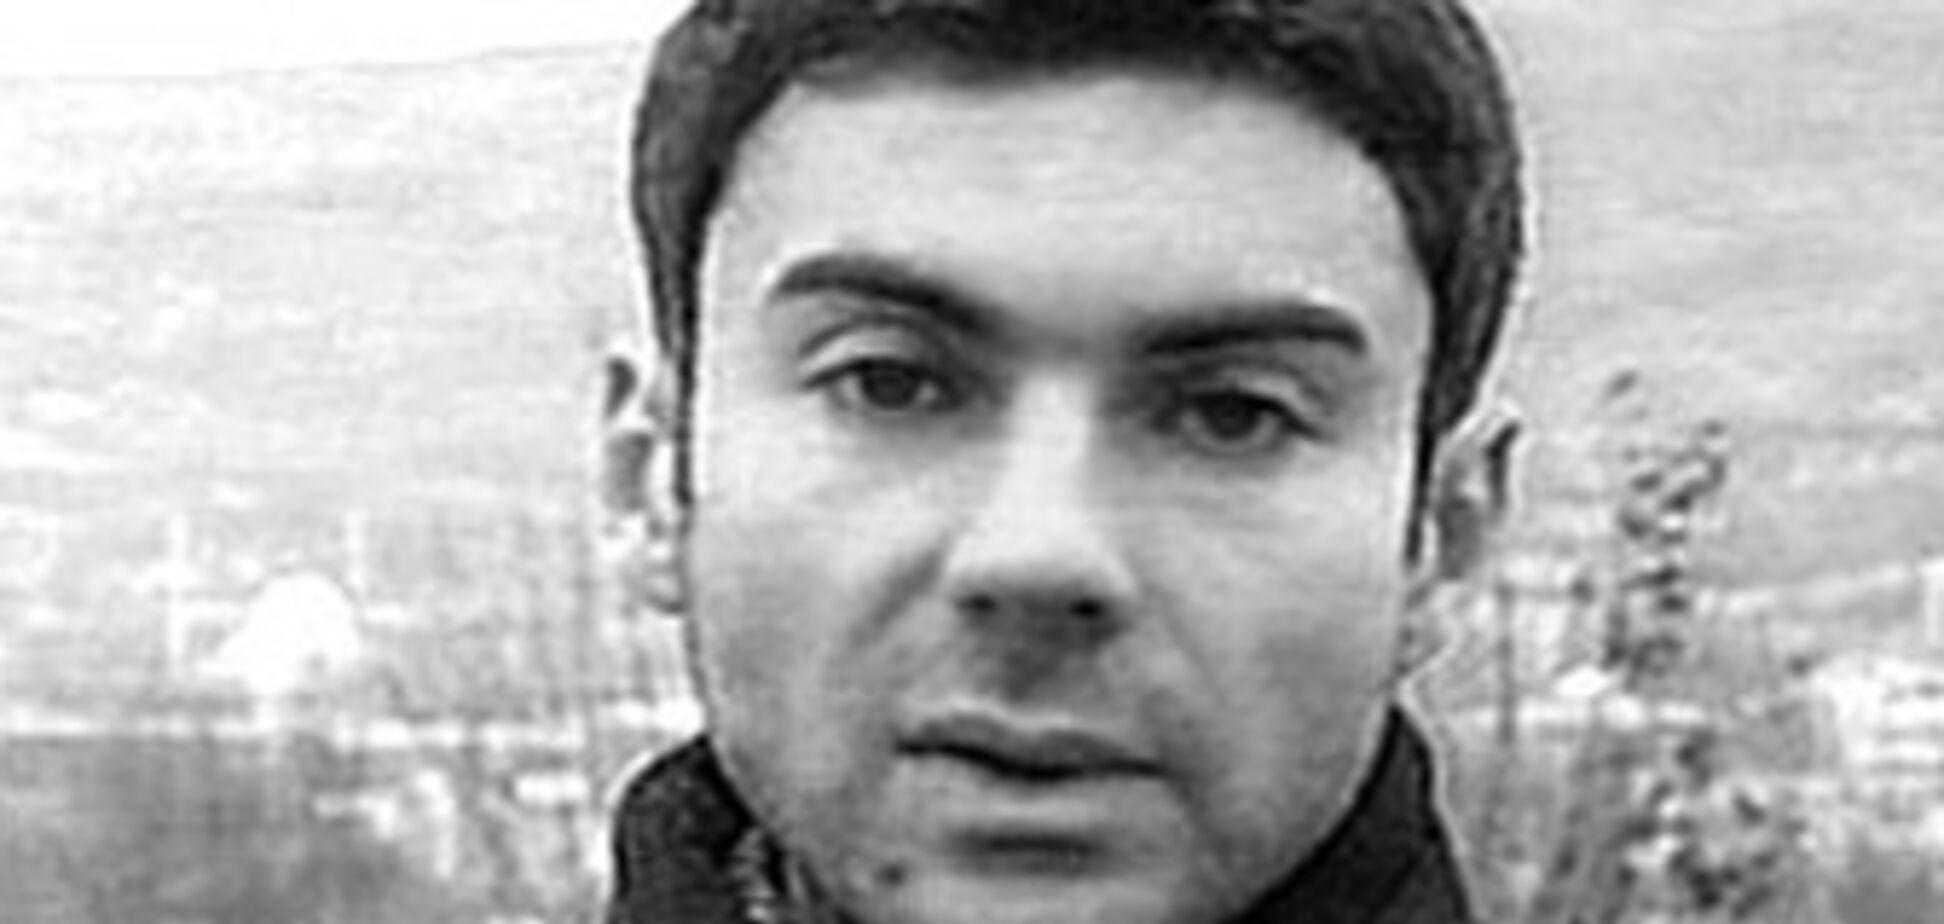 Вбивць Ільяса Шурпаєва знайшли через 'Однокласників'